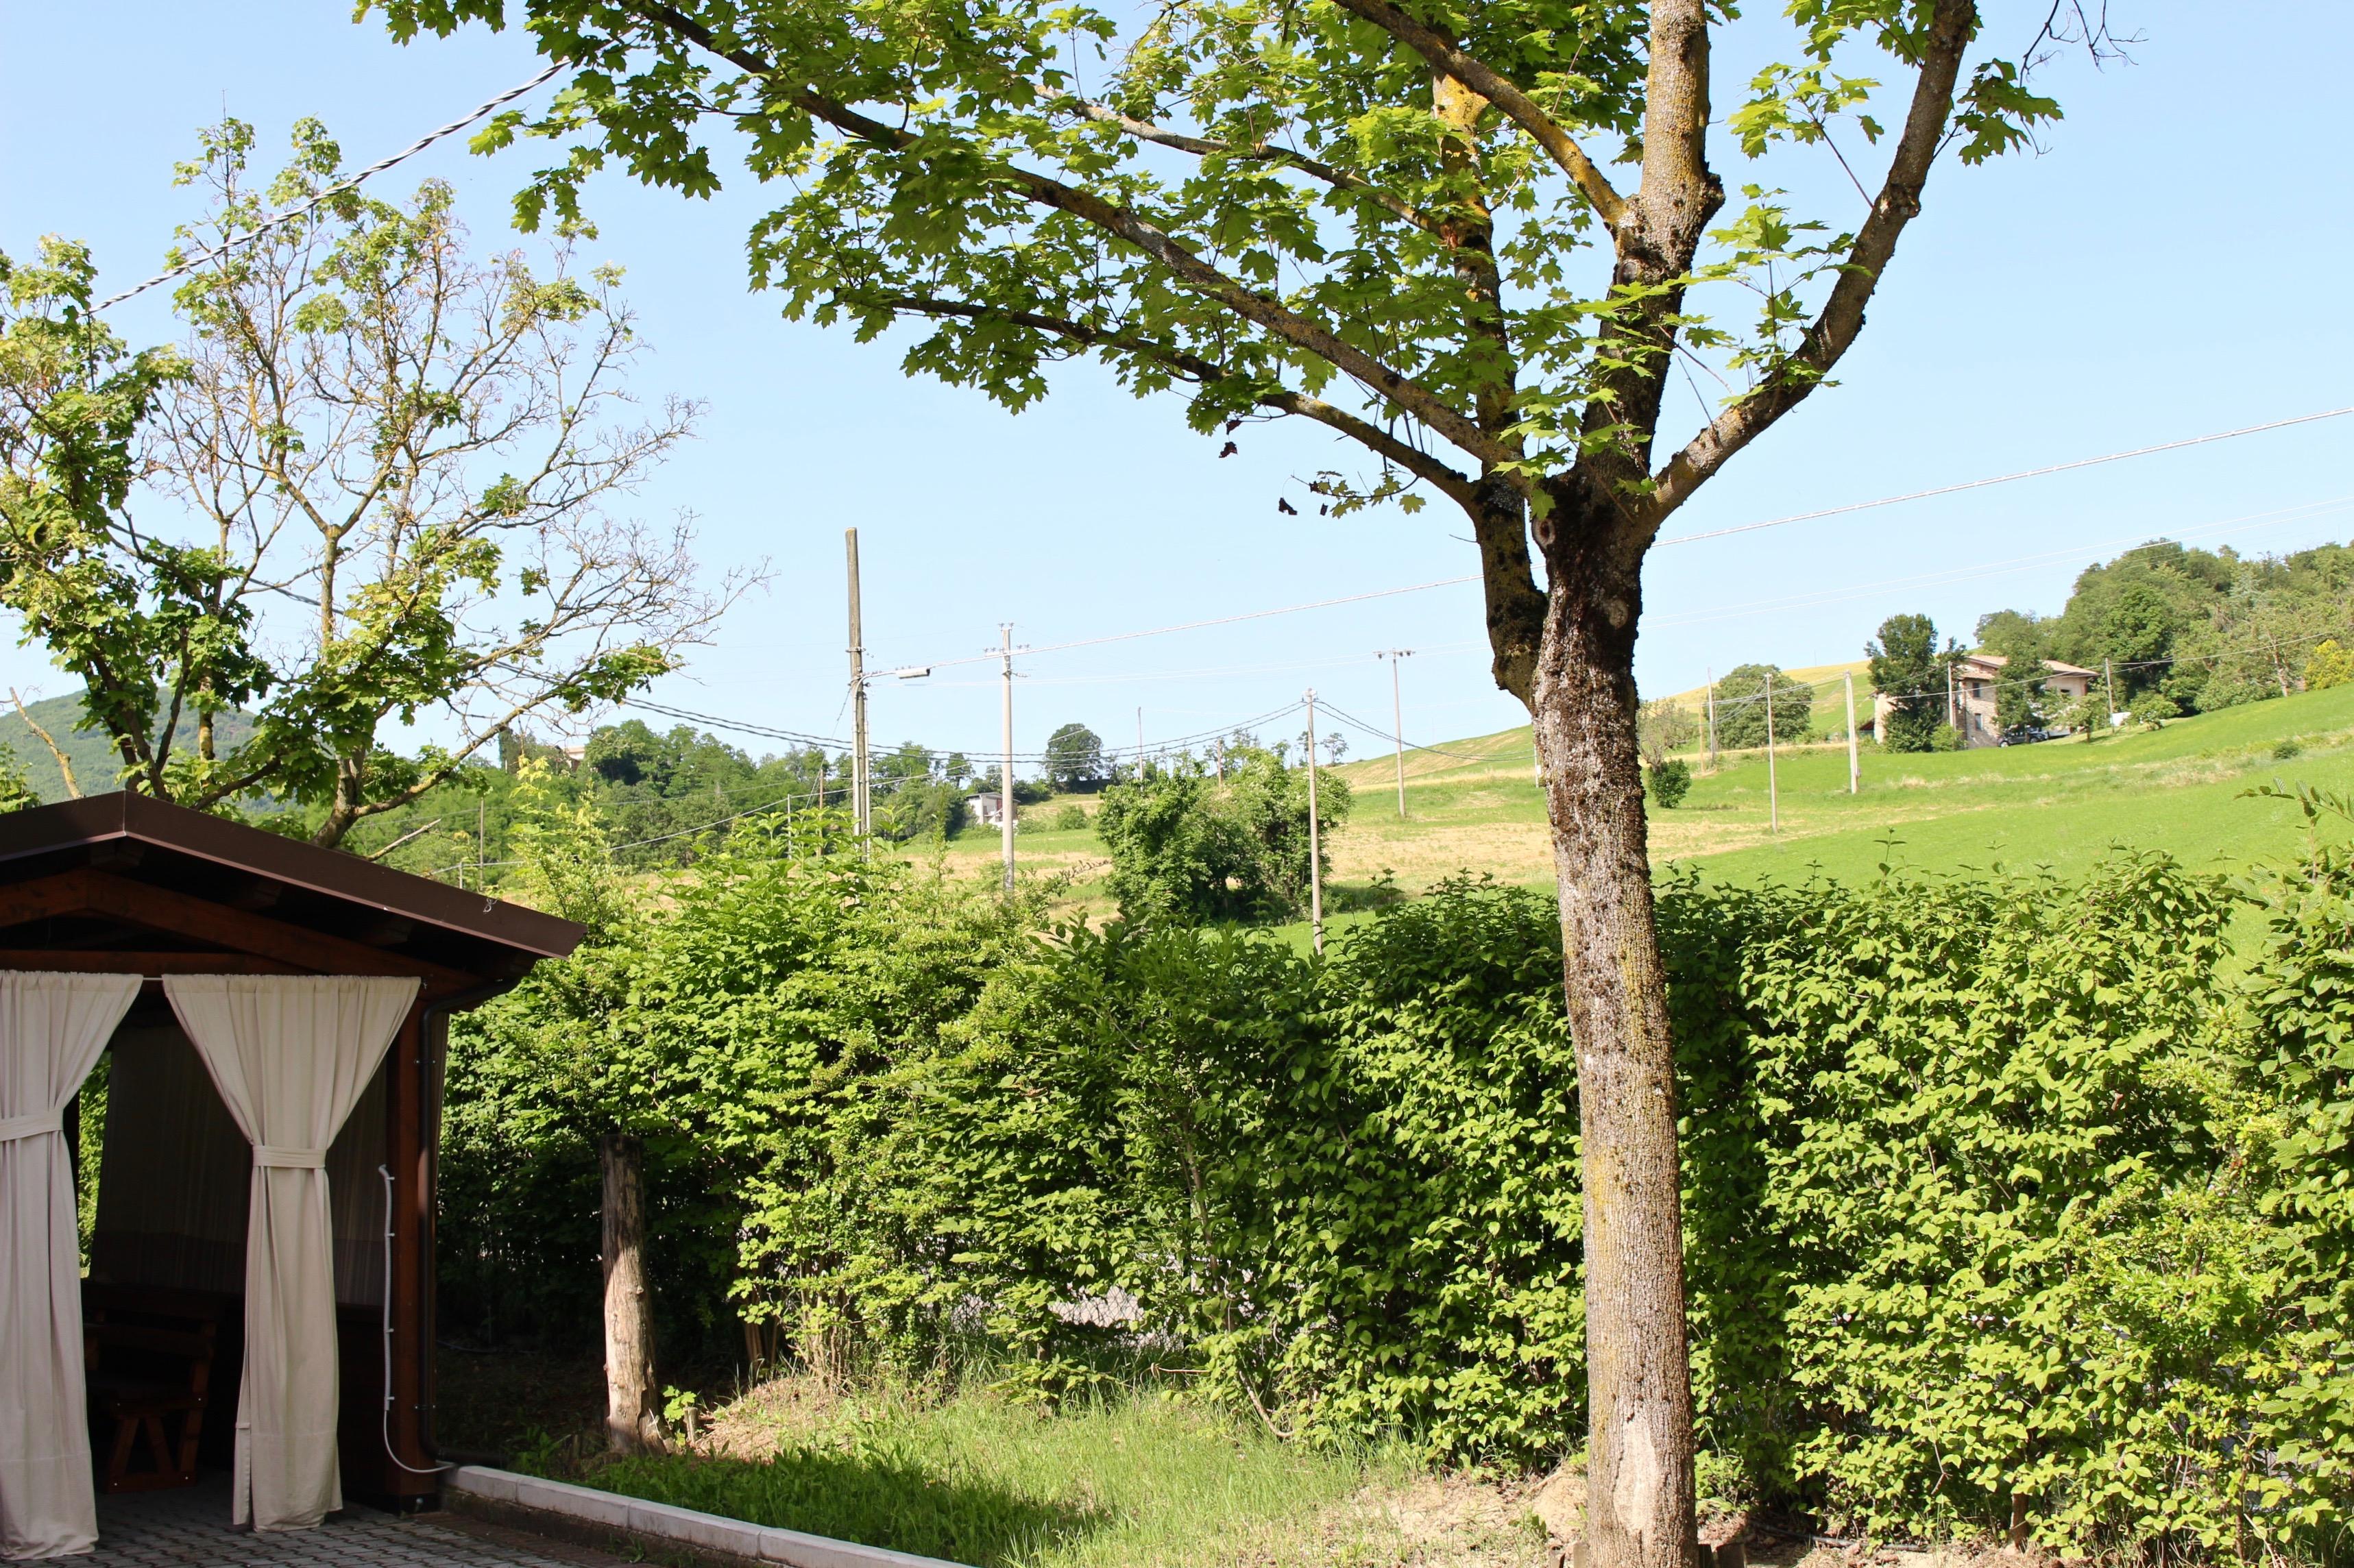 Parmigiano Reggiano mejeri i Parma